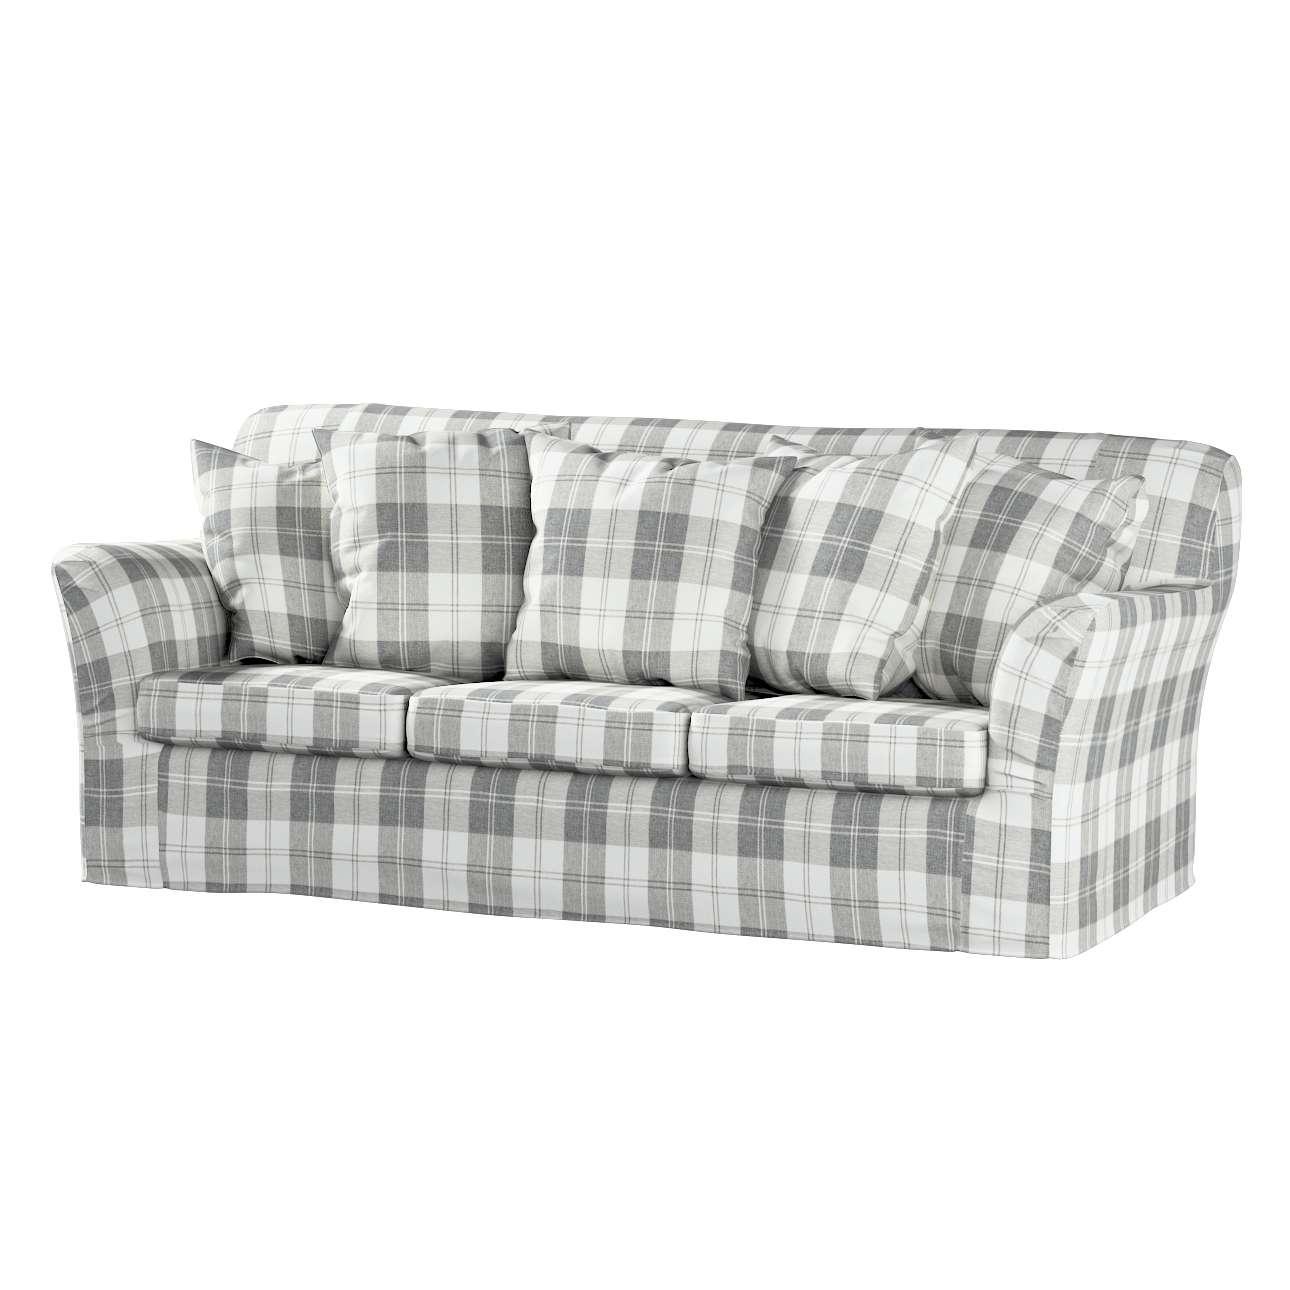 TOMELILLA  trivietės sofos užvalkalas TOMELILLA trivietė sofa kolekcijoje Edinburgh , audinys: 115-79